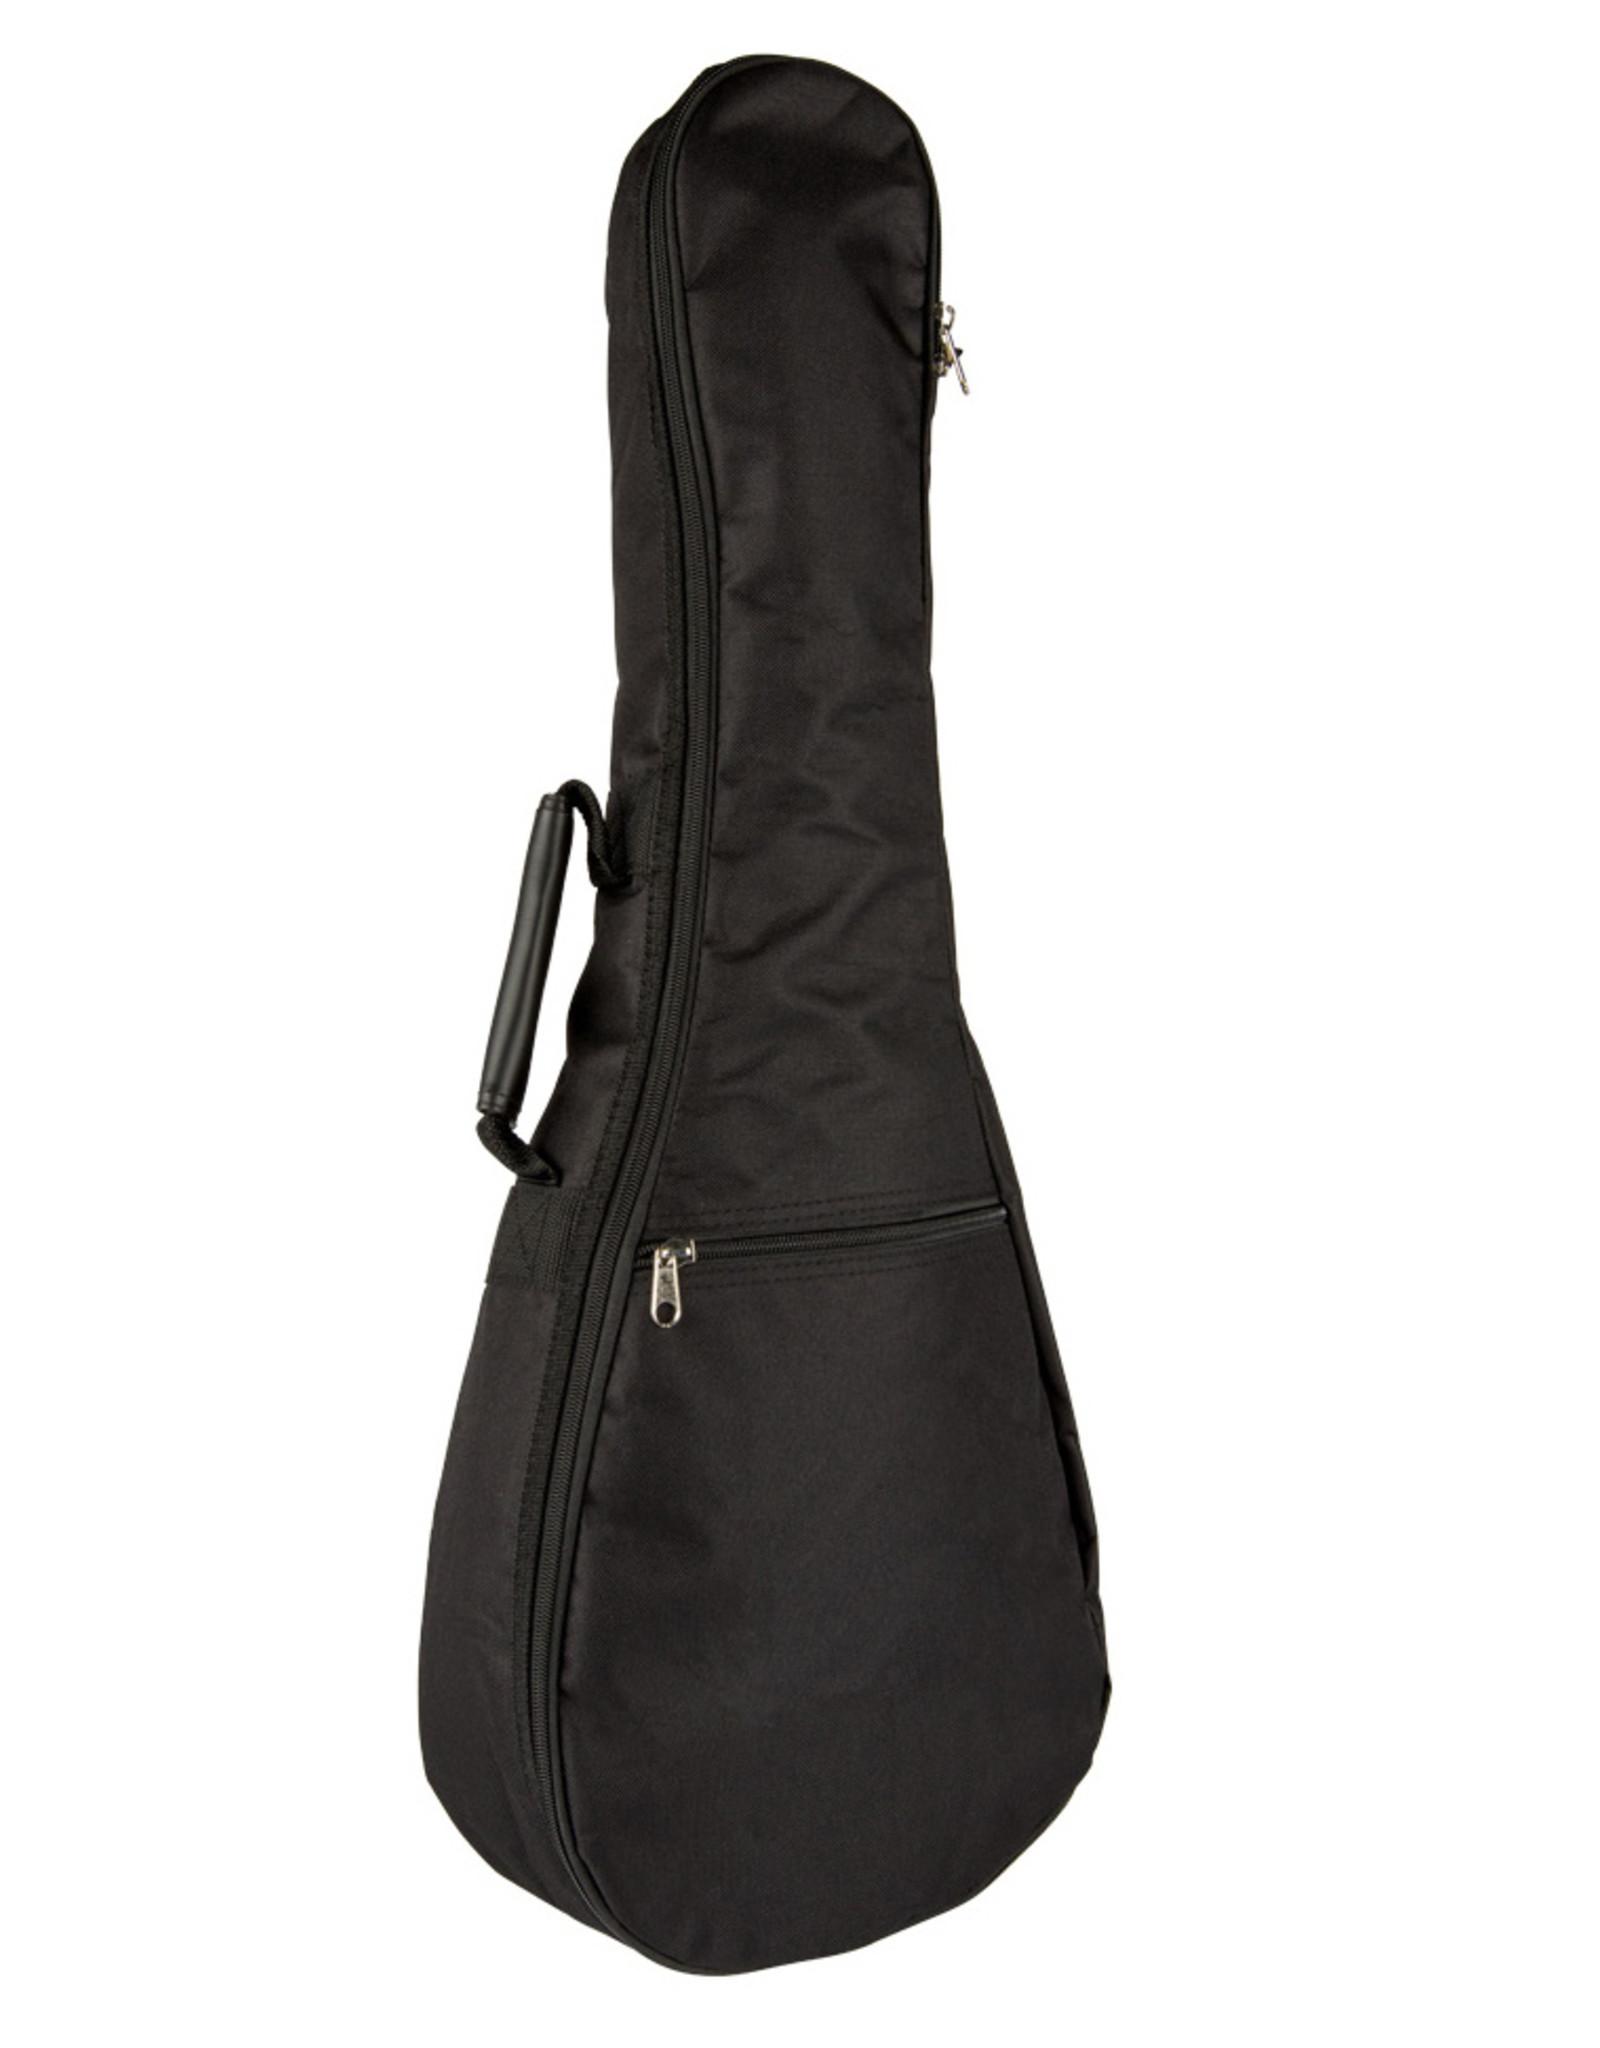 Kohala Lanikai Soprano Ukulele Gig Bag Black 5mm